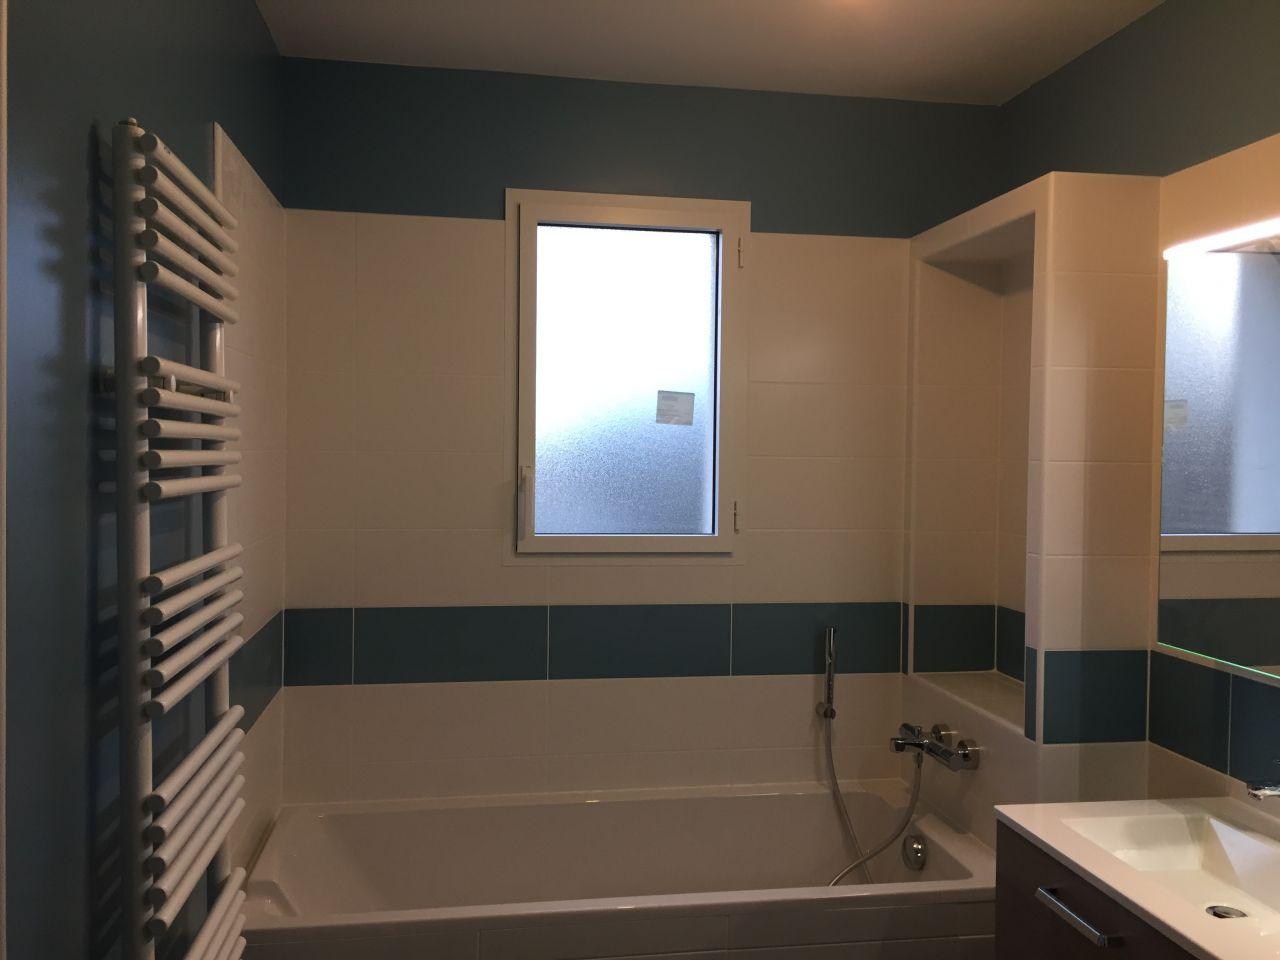 bleu baltique meuble salle de bain bleu with bleu